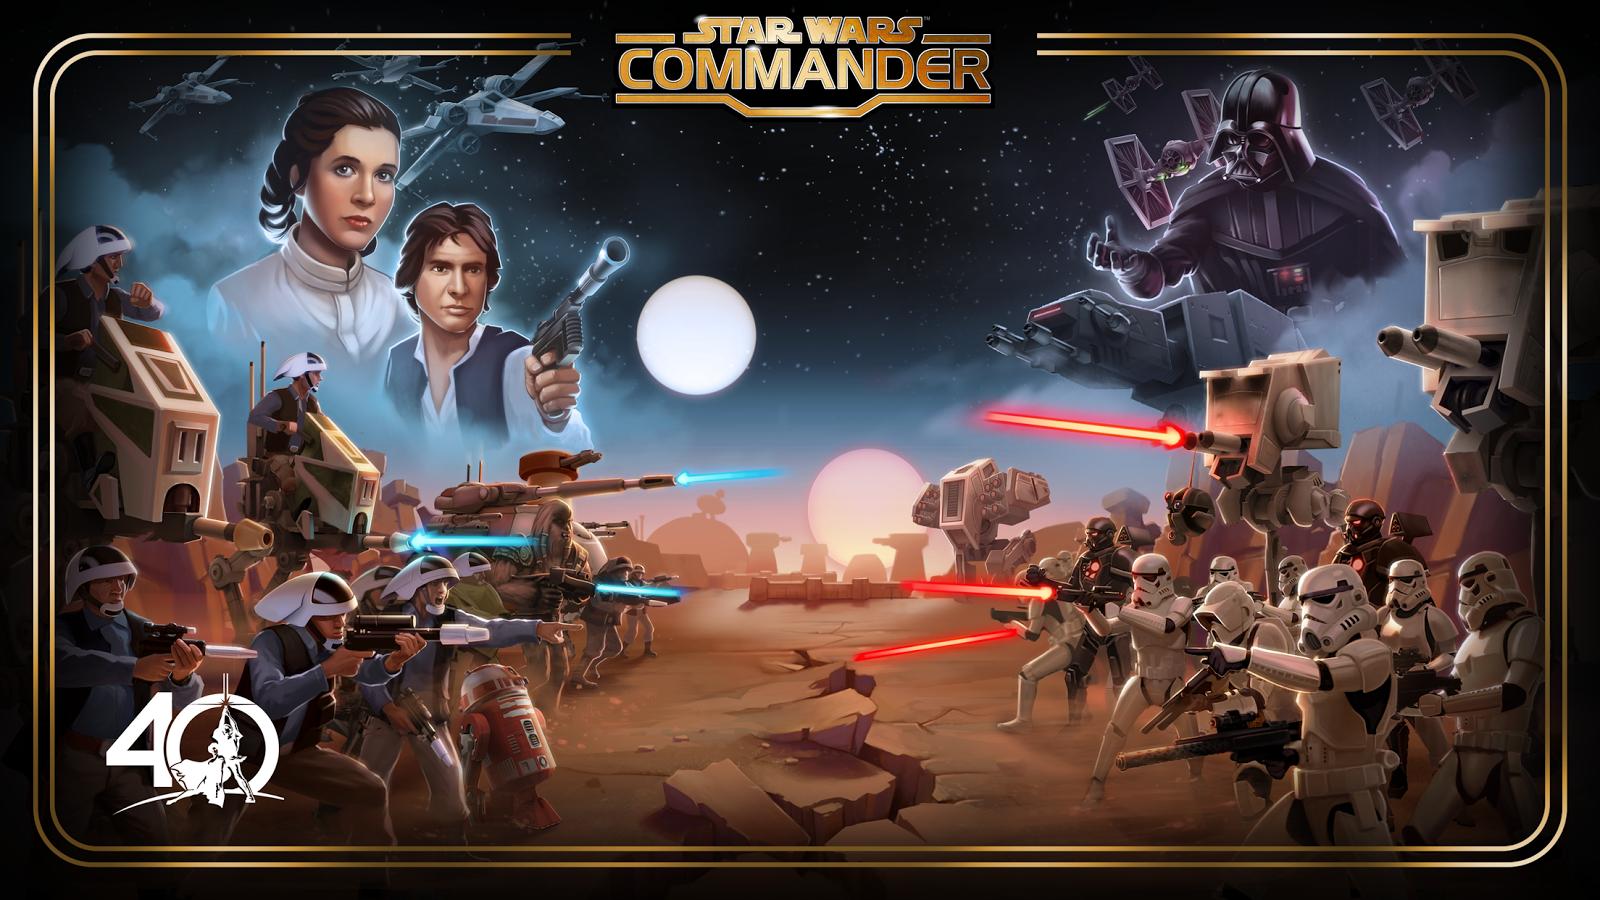 Star Wars Commander Mod Apk (v7.4.0.95) - getmodsapk.com